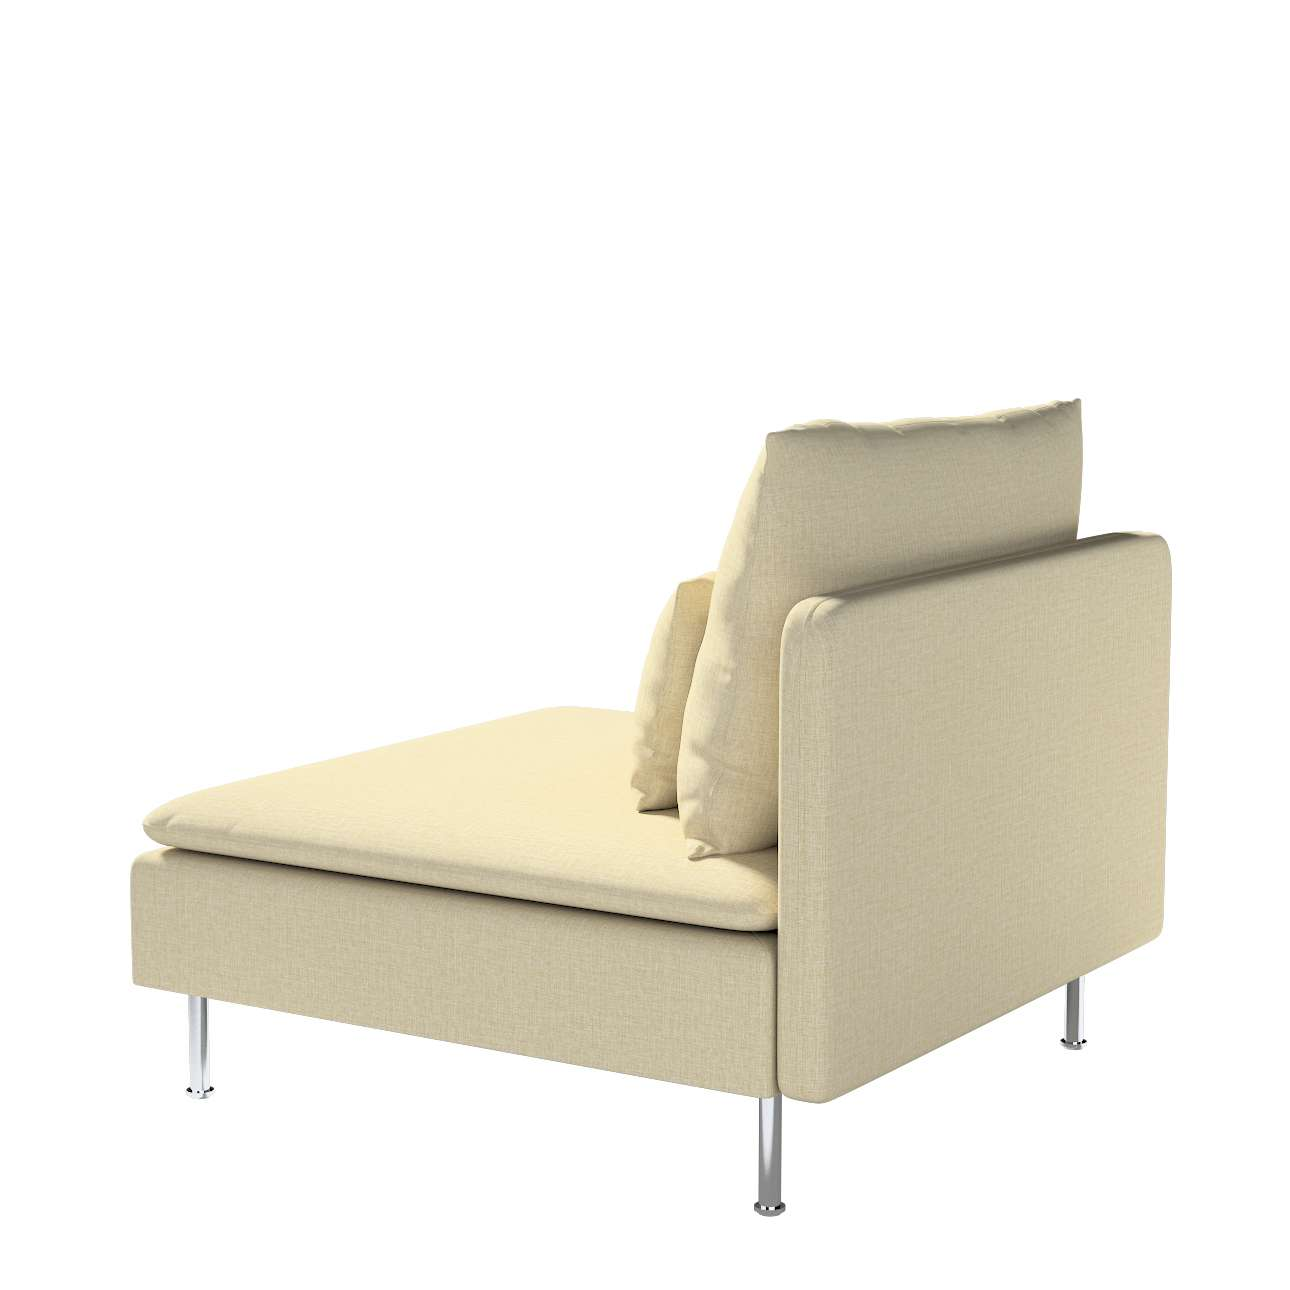 Bezug für Söderhamn Sitzelement 1 von der Kollektion Living, Stoff: 161-45